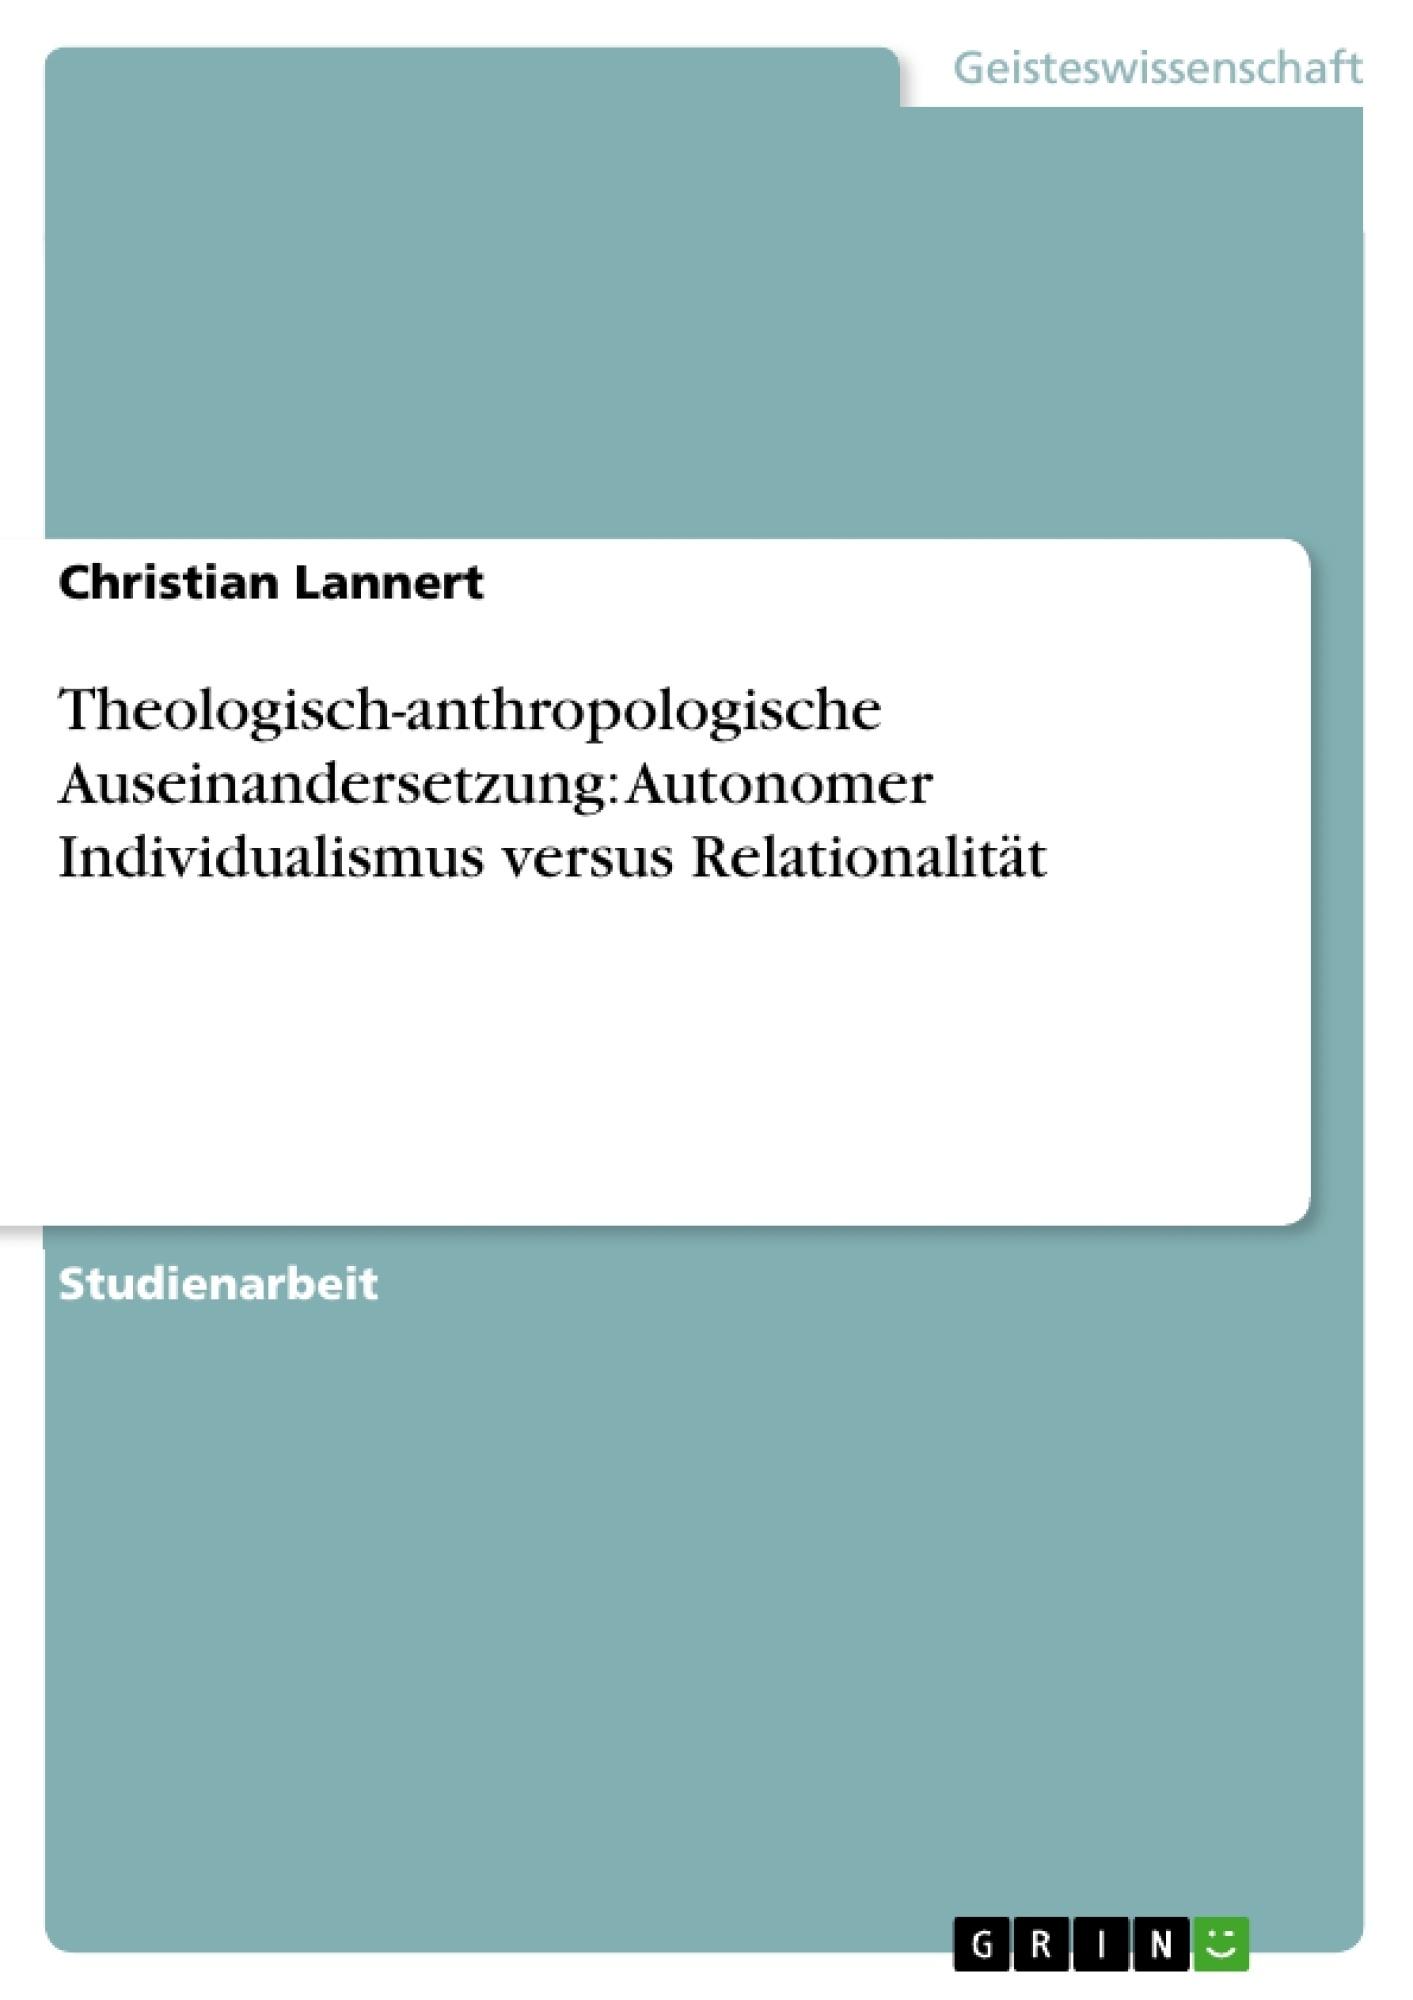 Titel: Theologisch-anthropologische Auseinandersetzung: Autonomer Individualismus versus Relationalität